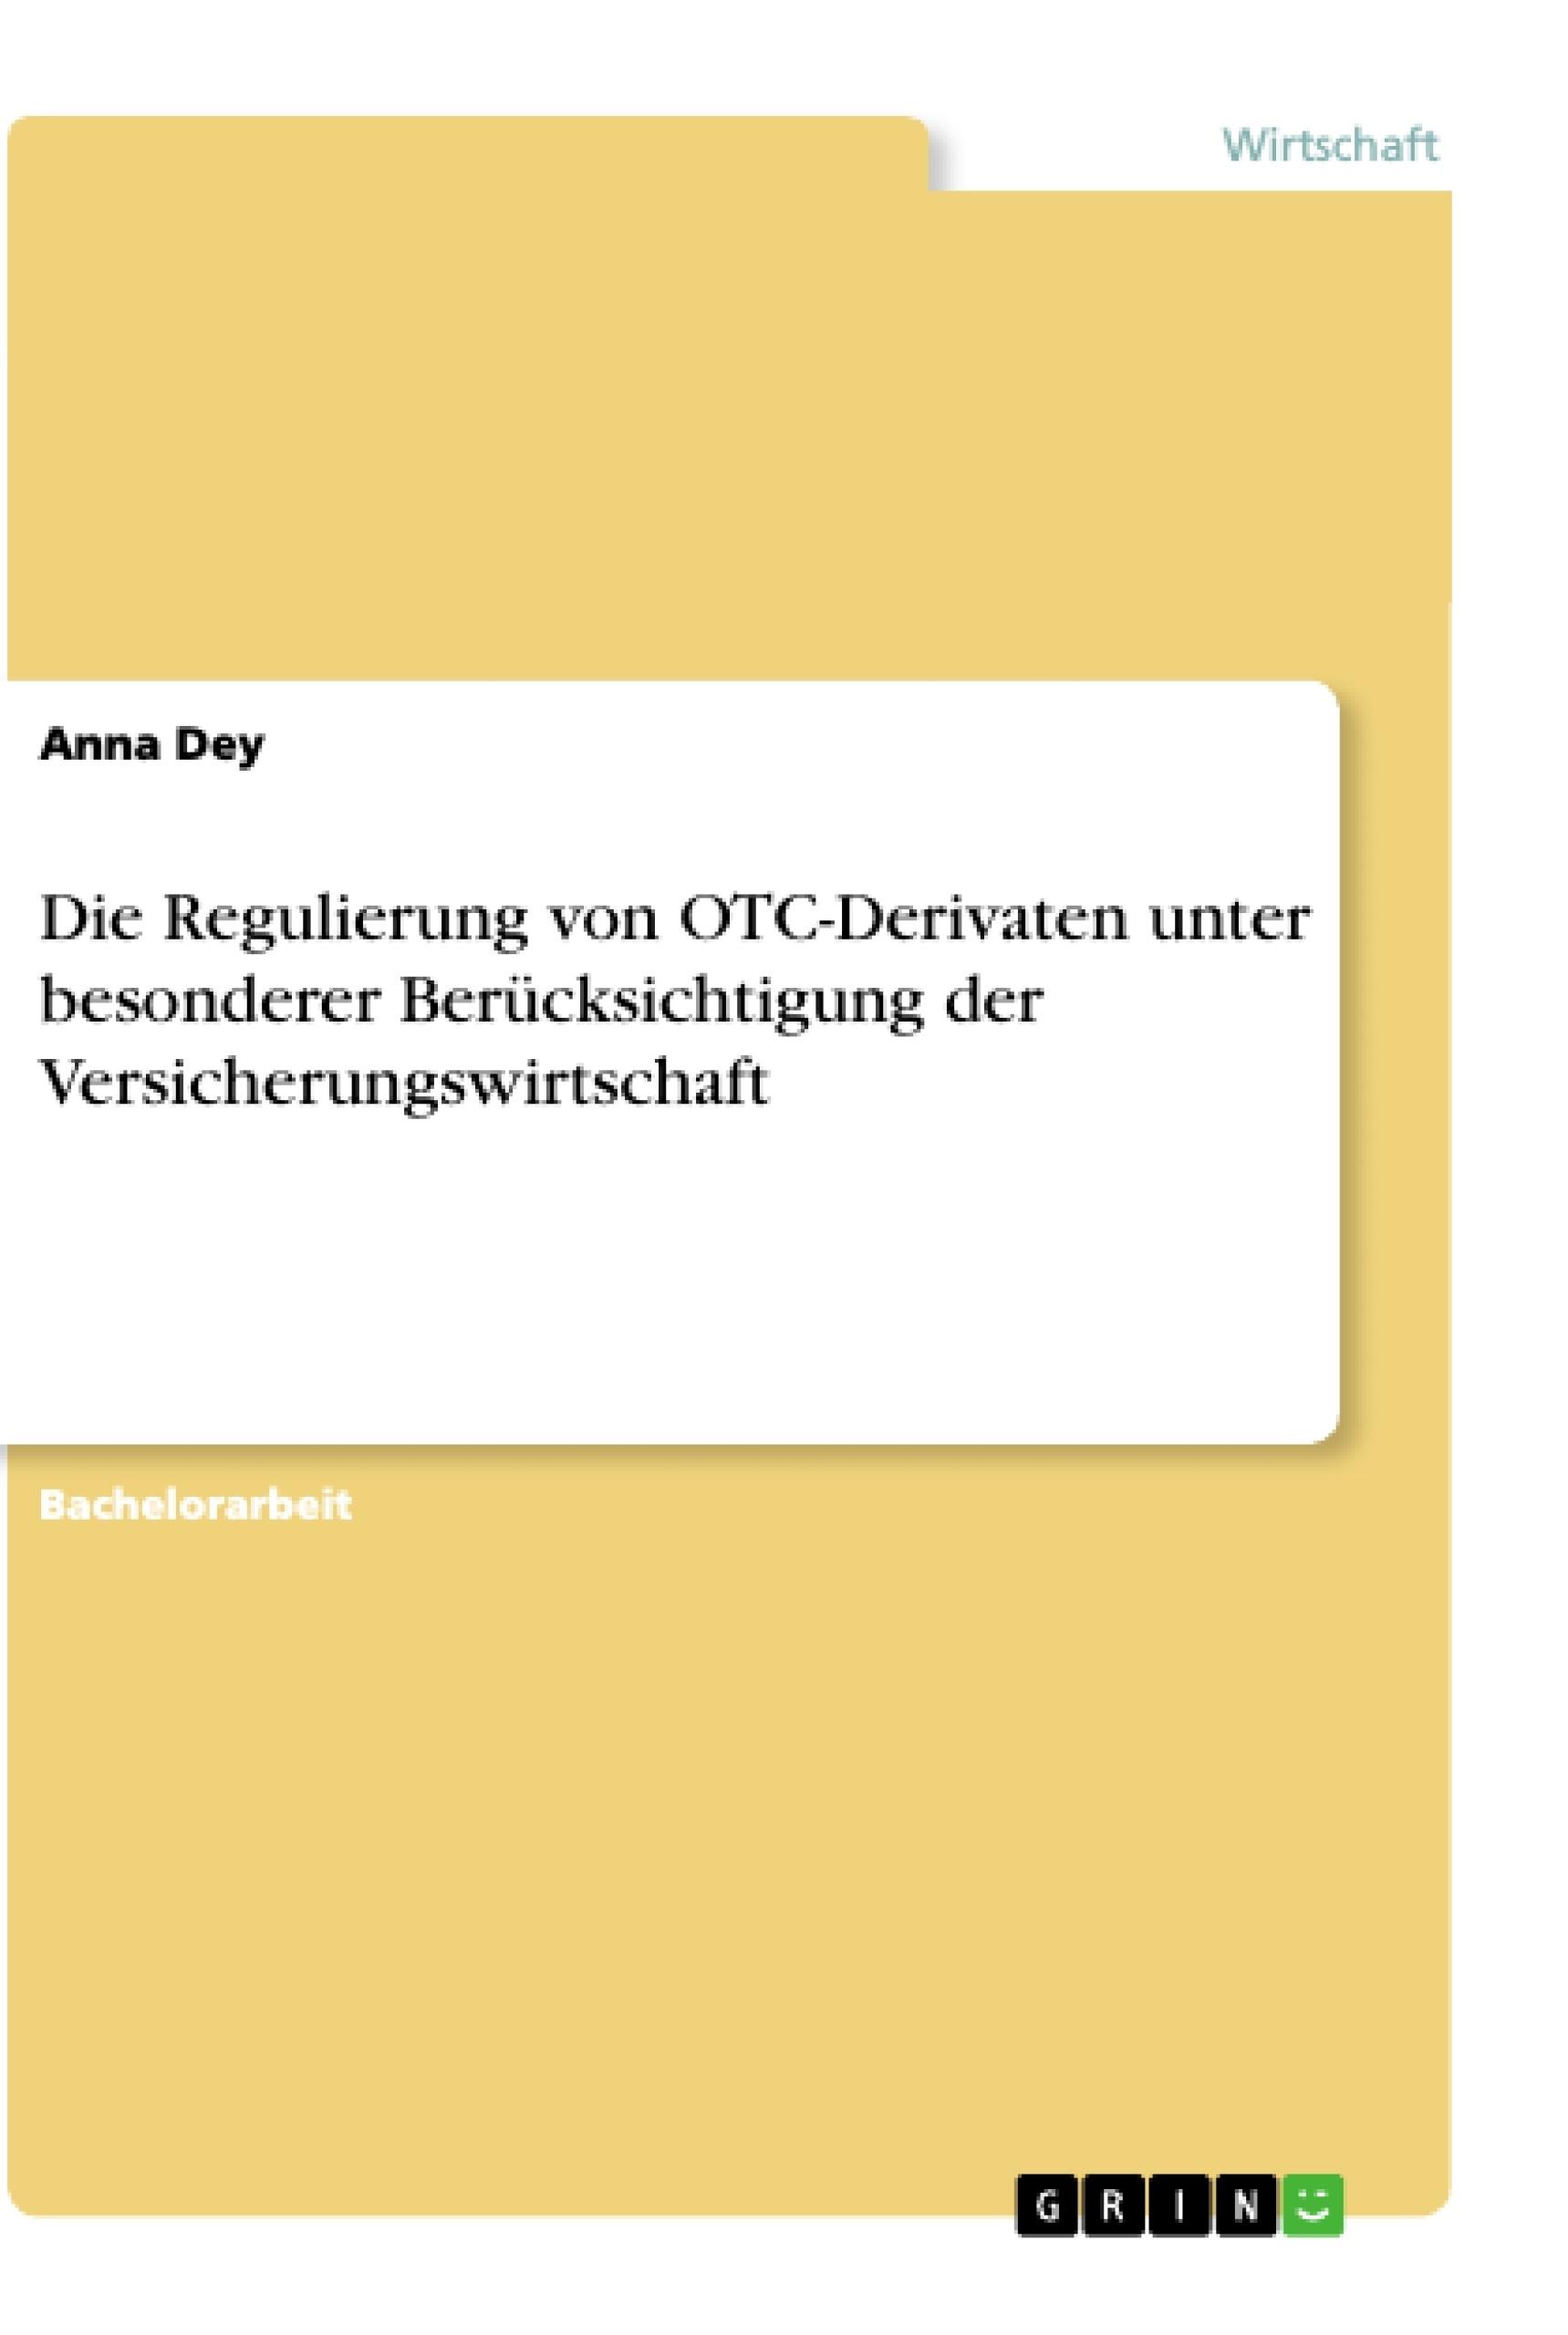 Titel: Die Regulierung von OTC-Derivaten unter besonderer Berücksichtigung der Versicherungswirtschaft